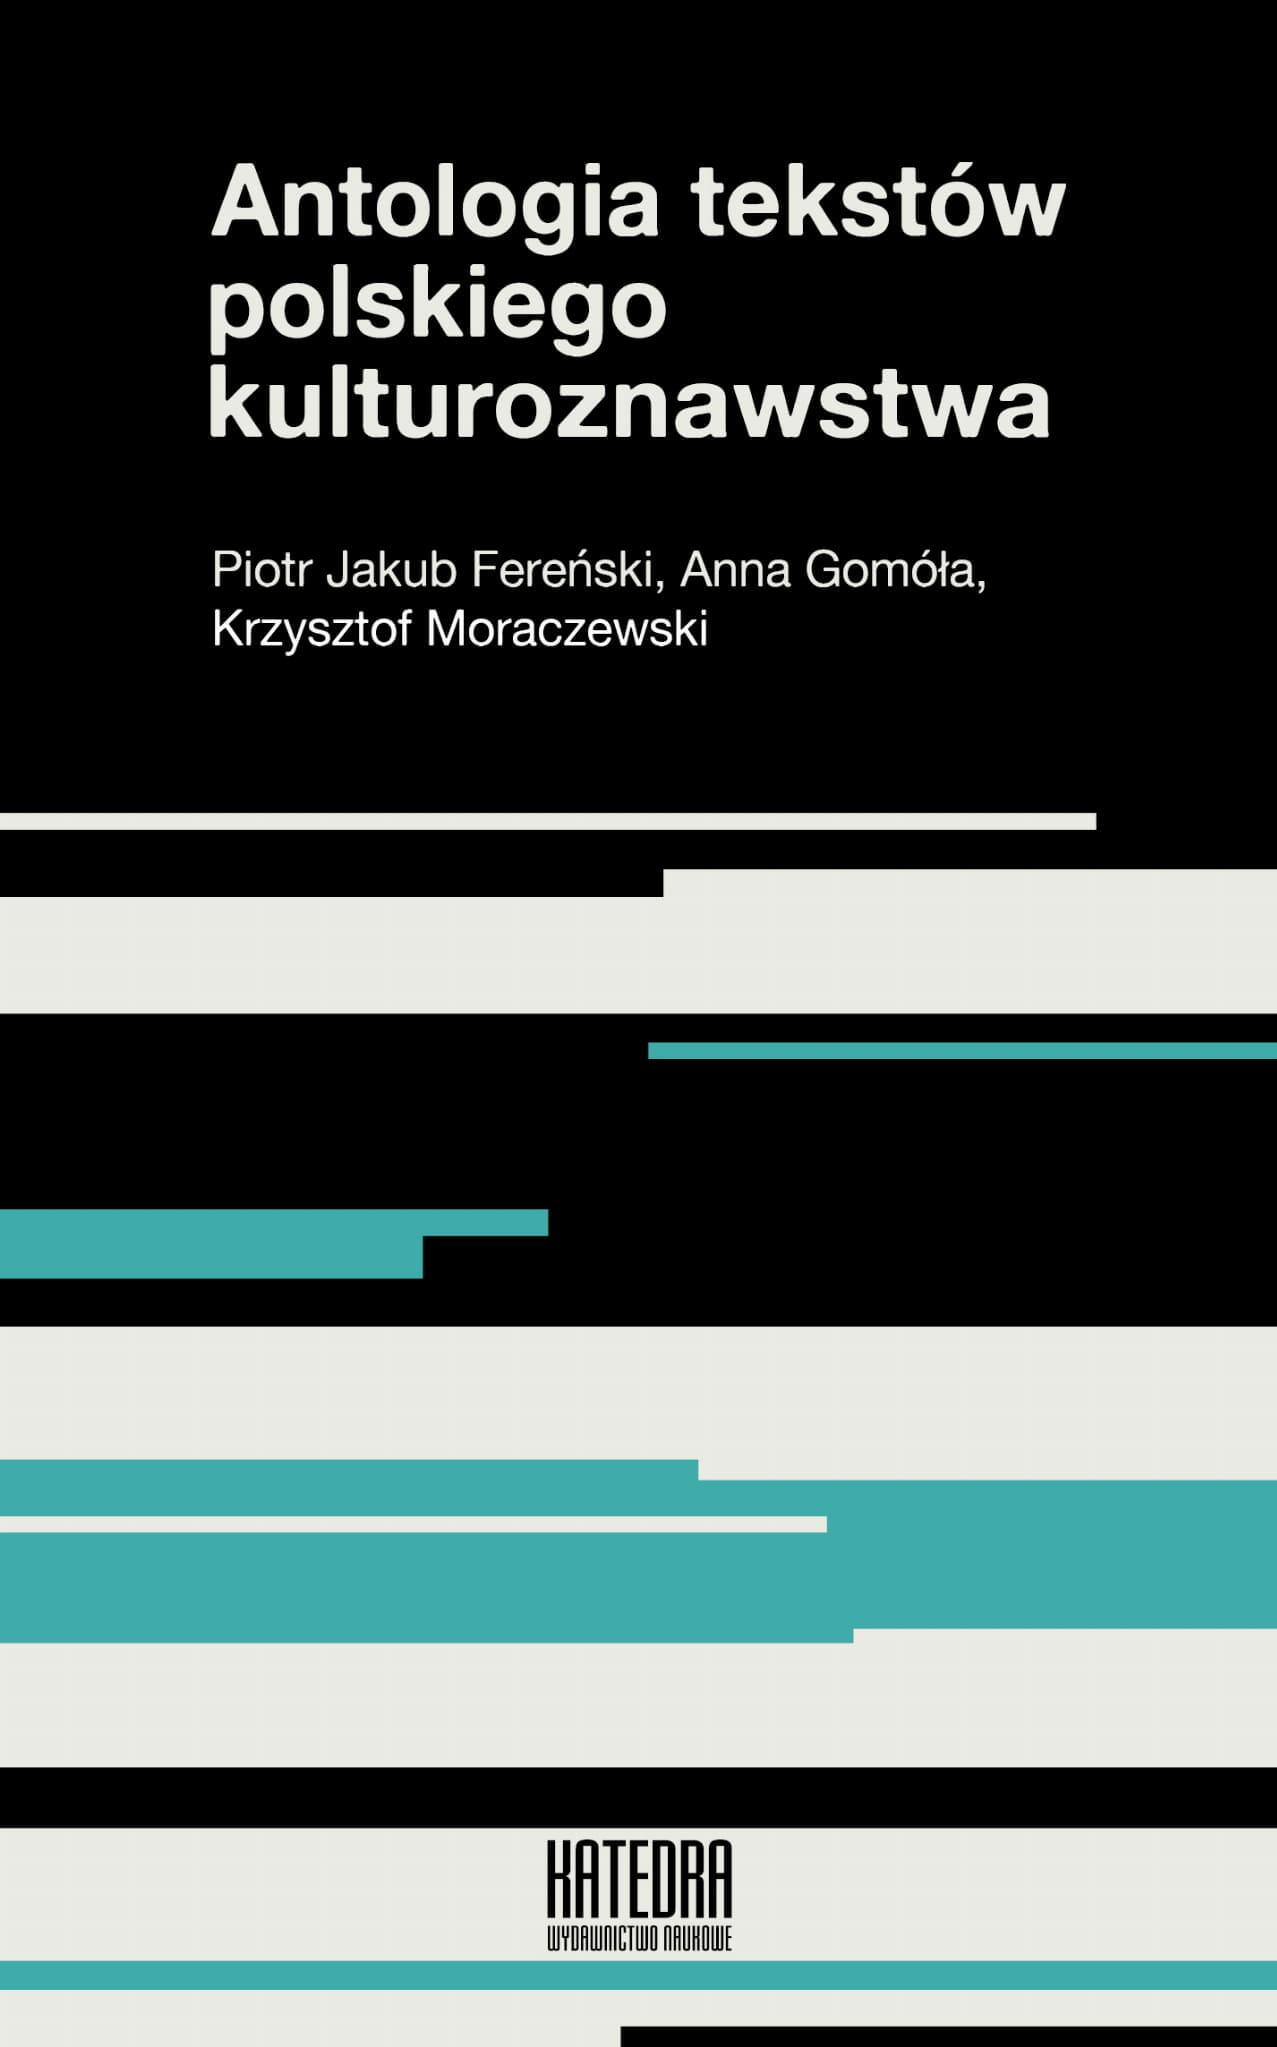 Antologia tekstów polskiego kulturoznawstwa - Kulturoznawstwo UAM